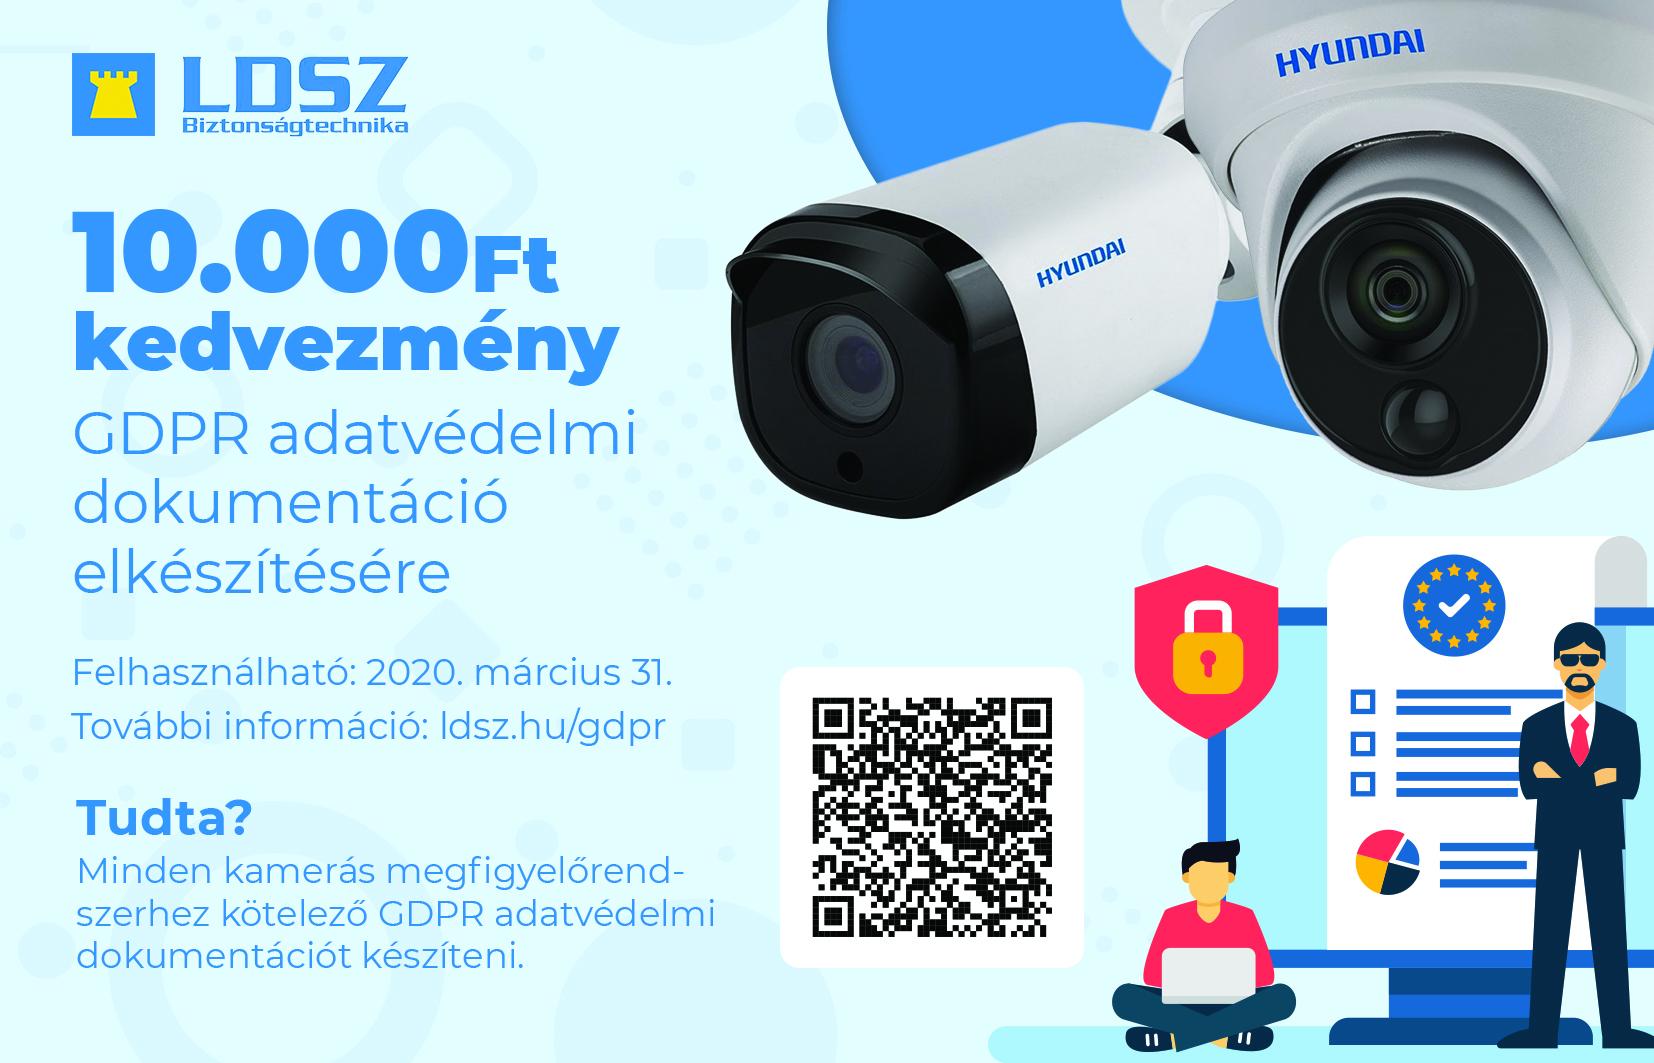 10000Ft kedvezmény kupon  GDPR adatvédelmi dokumentáció elkészítésre kamerás megfigyelőrendszerekhez. Felhasználható 2019. március 31-ig.  LDSZ Vagyonvédelmi Kft.